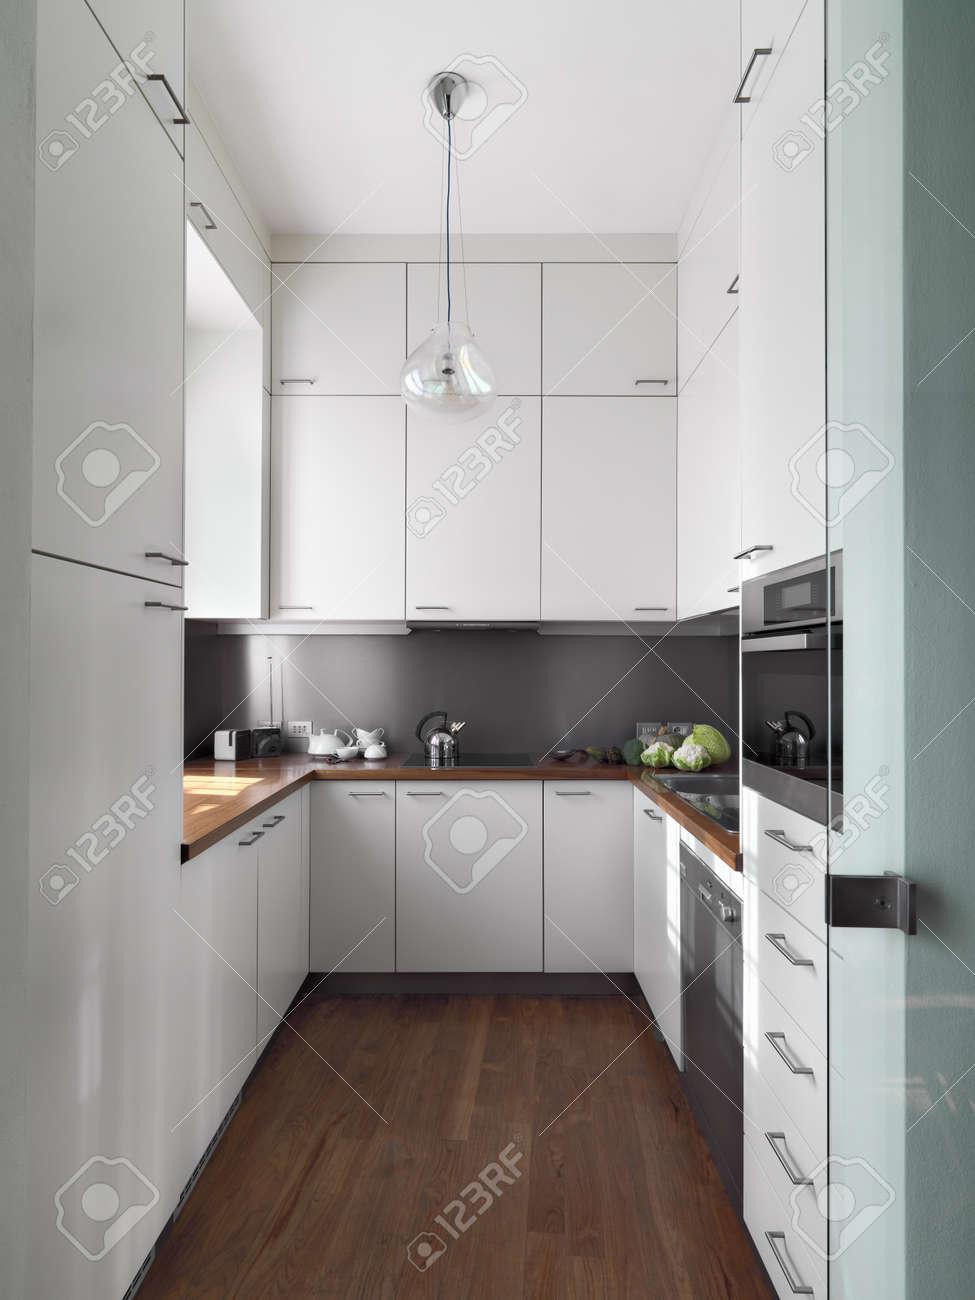 Wohnzimmerz: weiße arbeitsplatte with basiceinbauküche norina ...